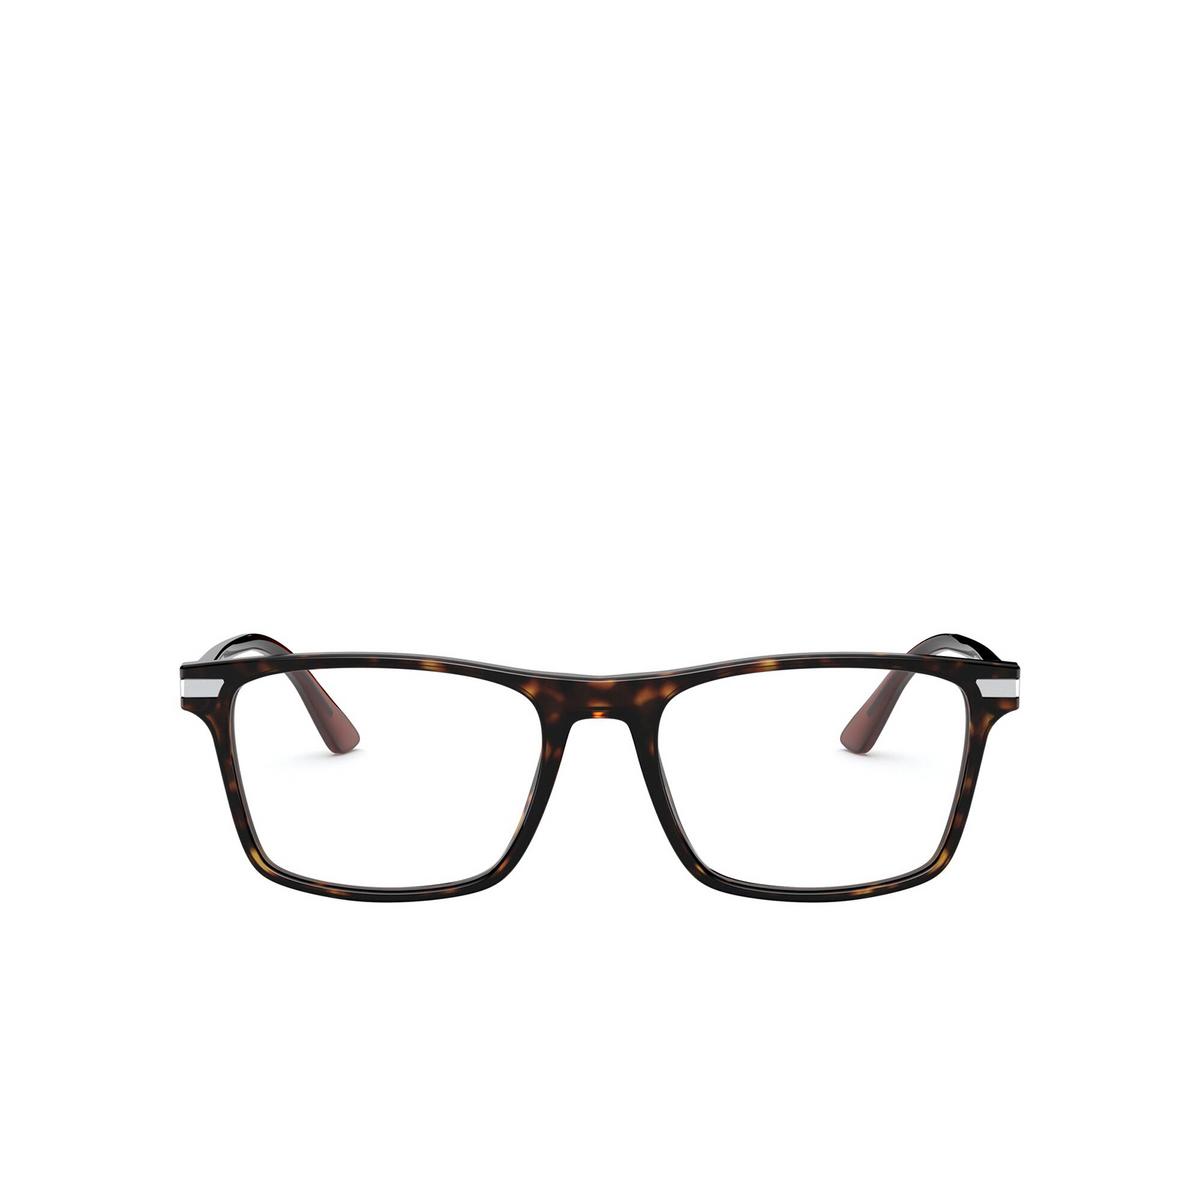 Prada® Rectangle Eyeglasses: PR 01WV color Havana 01A1O1 - front view.